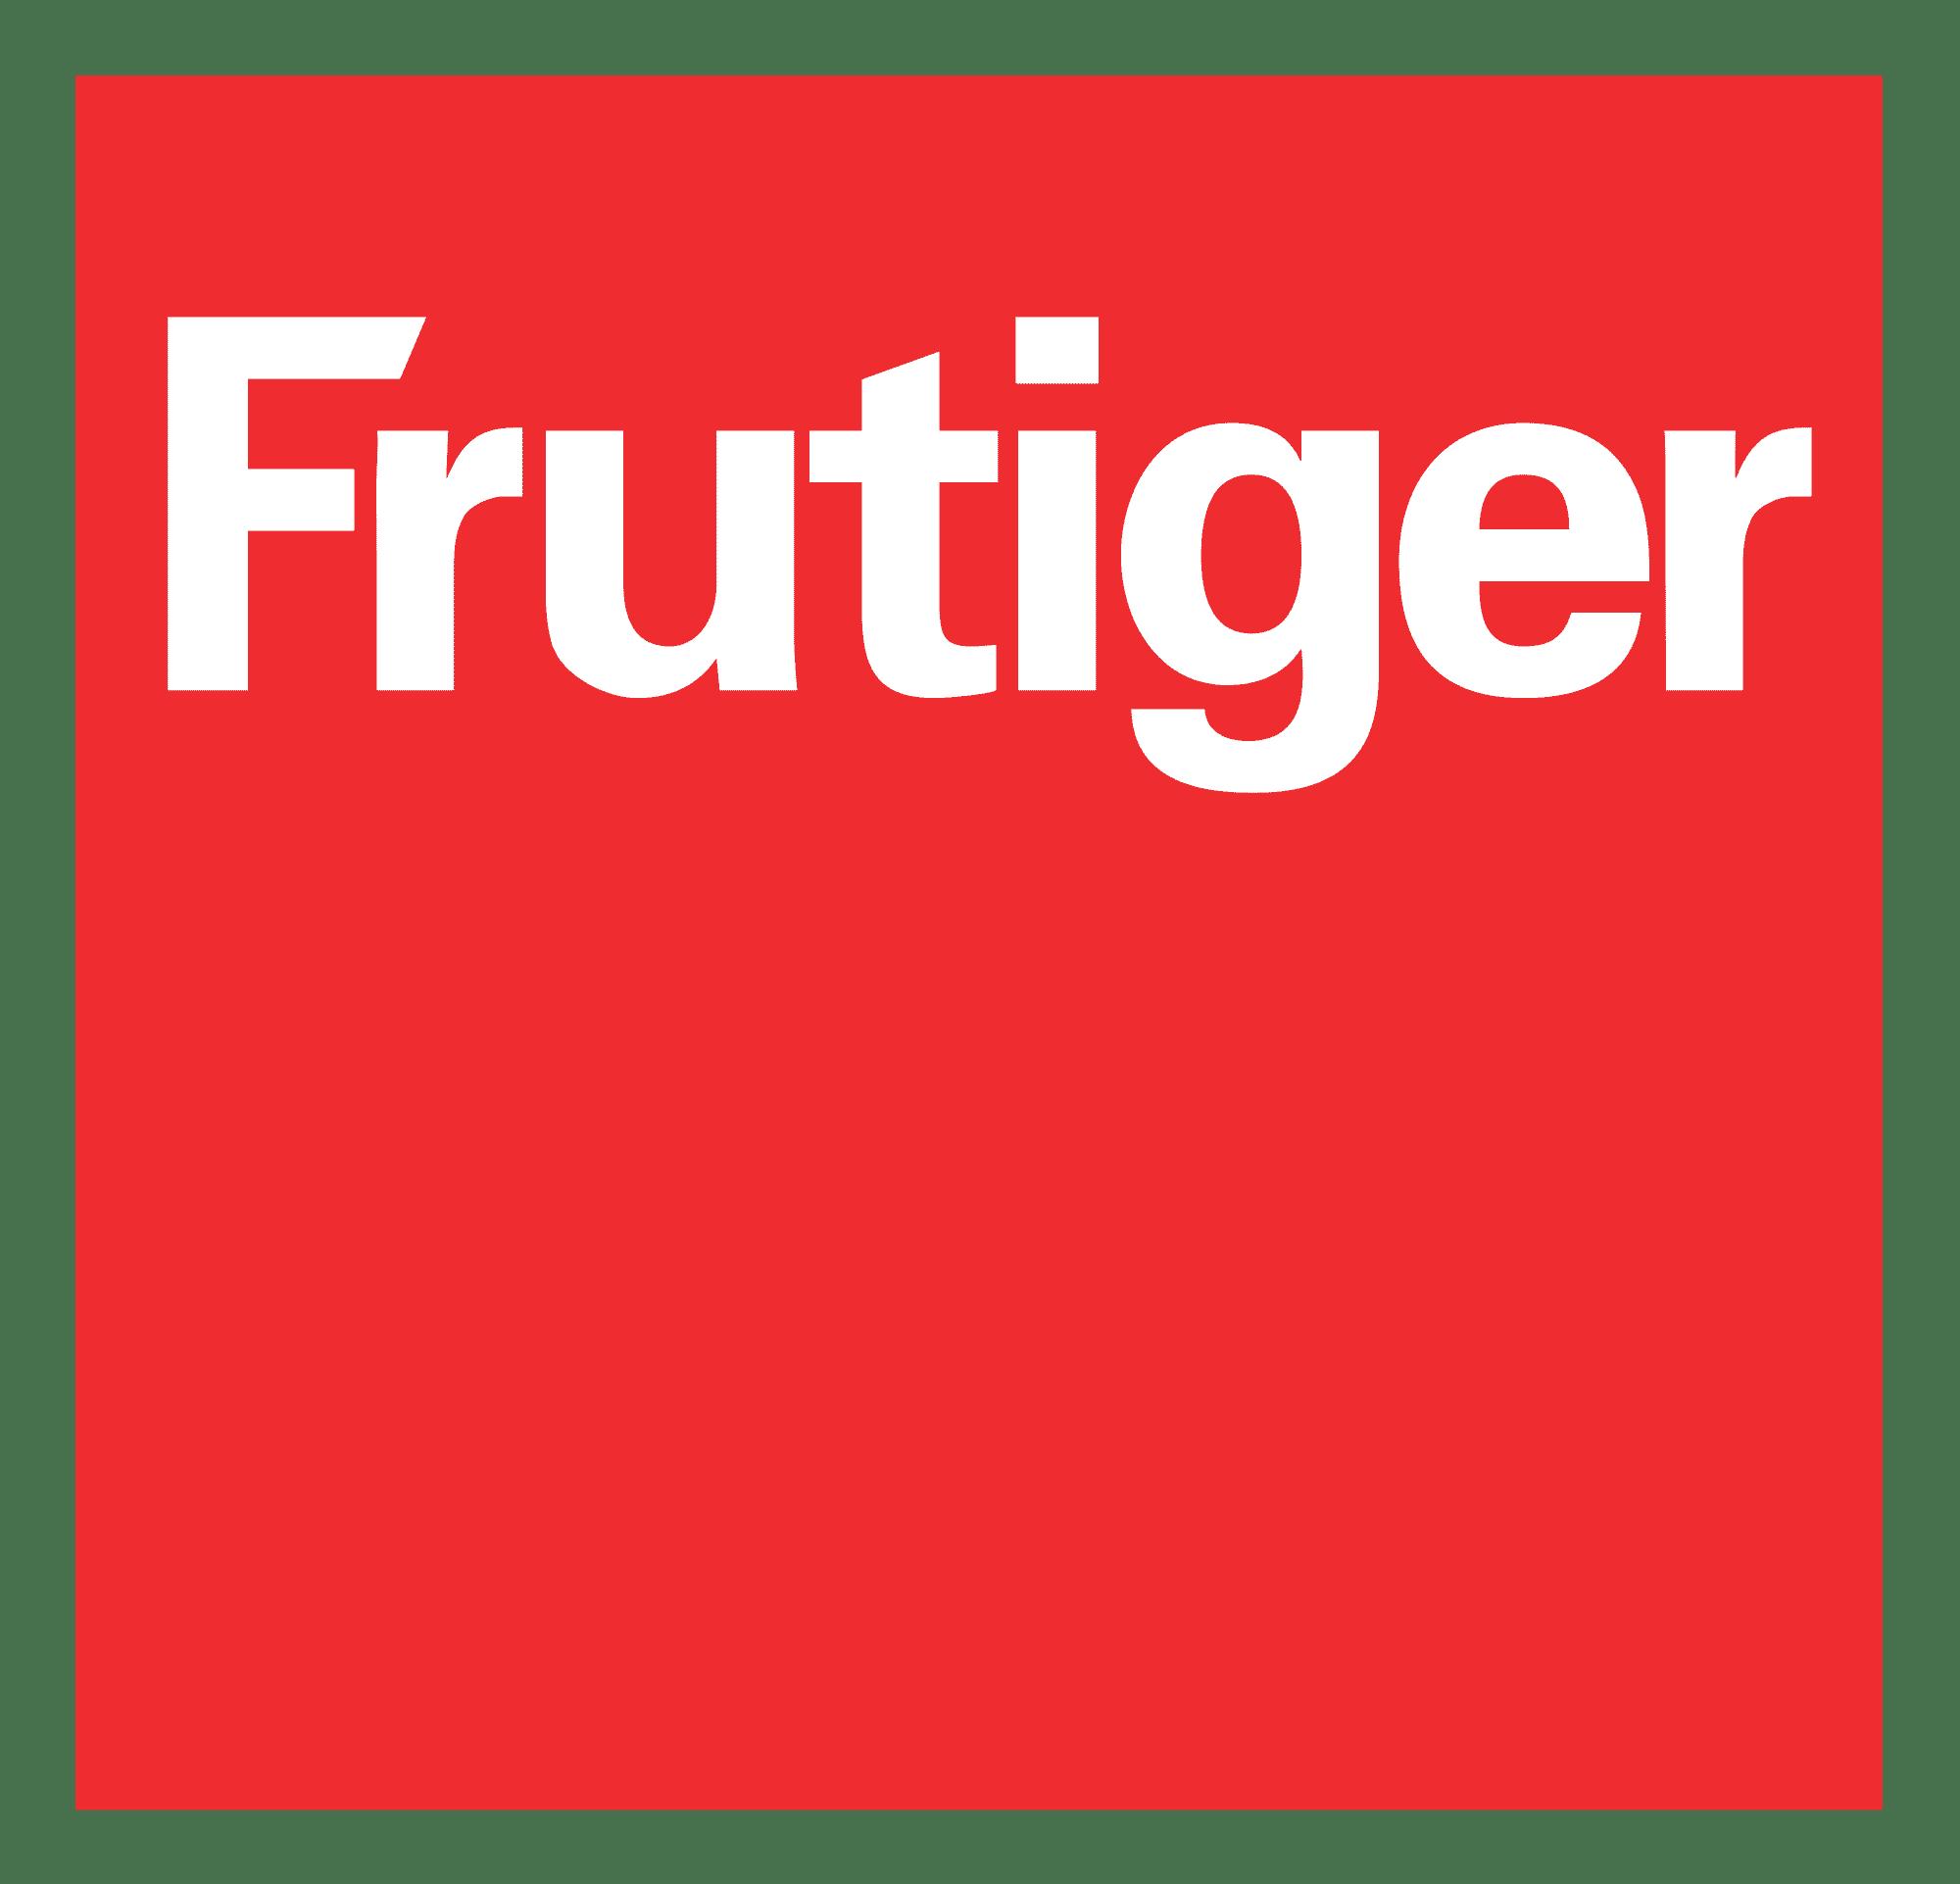 logo_frutiger